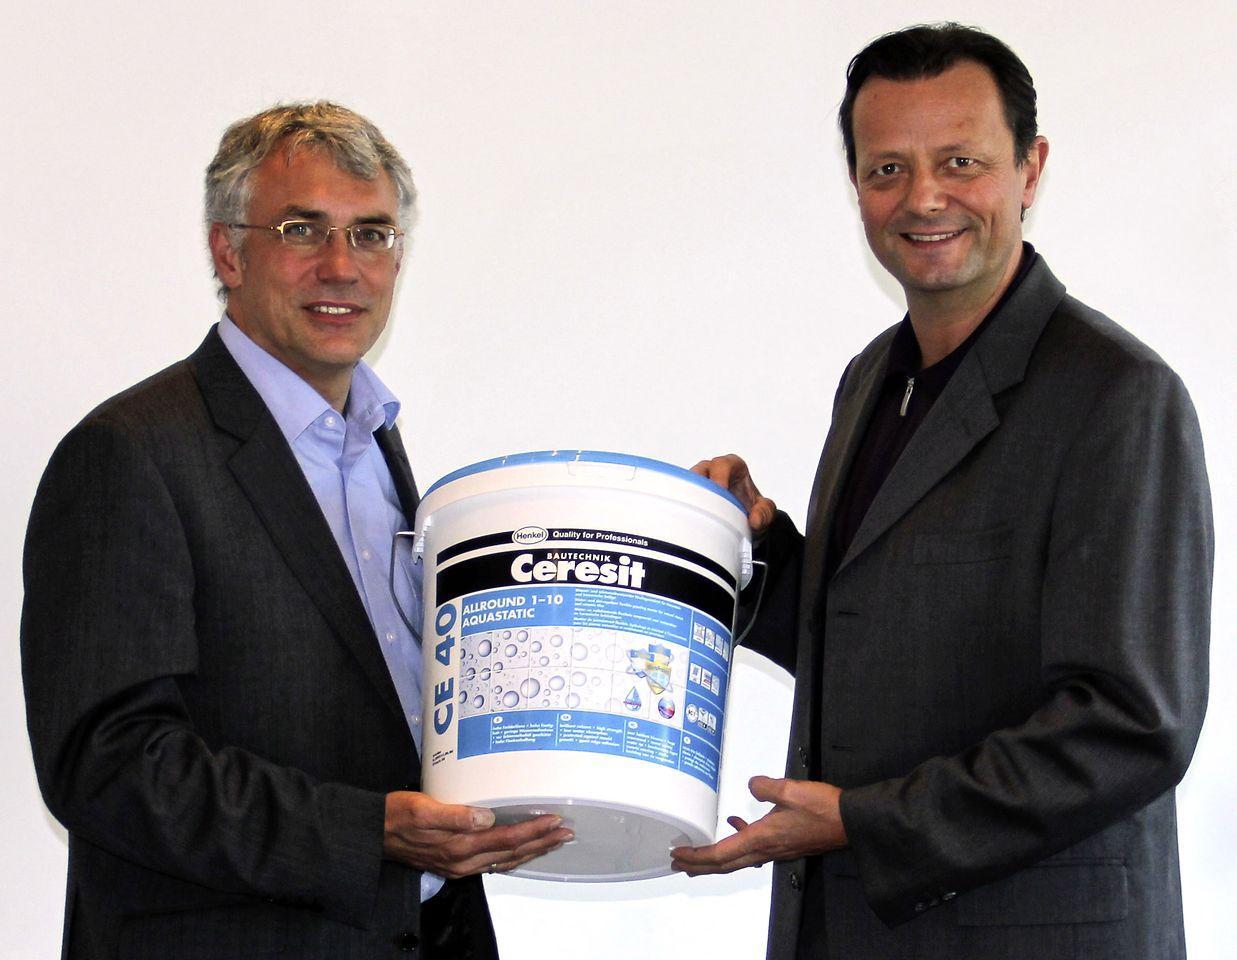 Holger Klomp und Diethardt Lang, Ceresit Feinfuge CE 40 Allround 1-10 Aquastatic